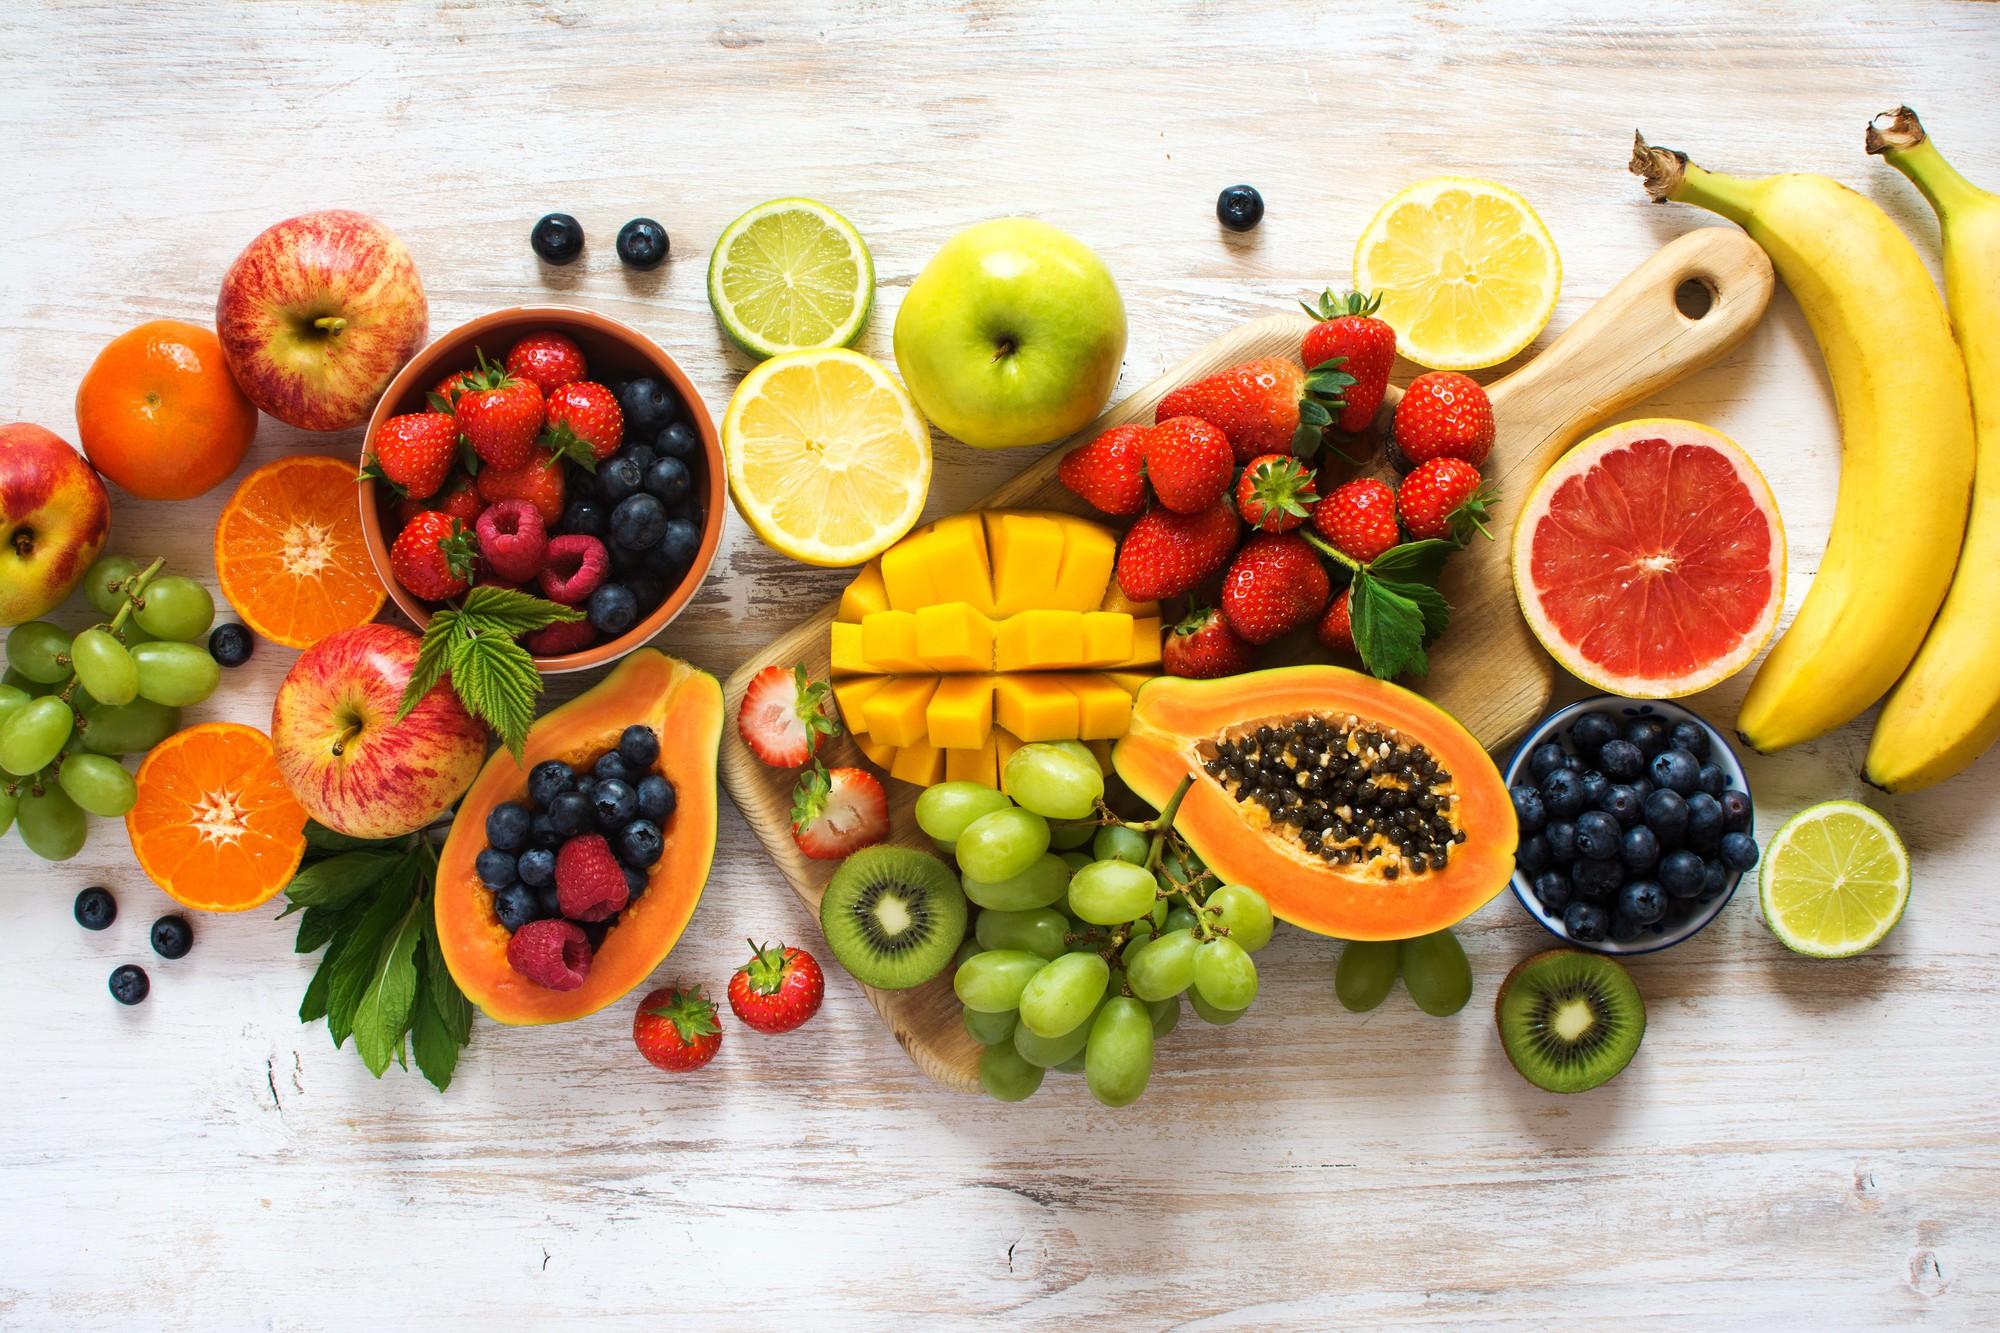 Chăm bổ sung 5 loại thực phẩm này thì thời gian có phũ phàng, nàng ngoài 30 tuổi cũng không lo da xấu, dáng sồ sề - Ảnh 2.